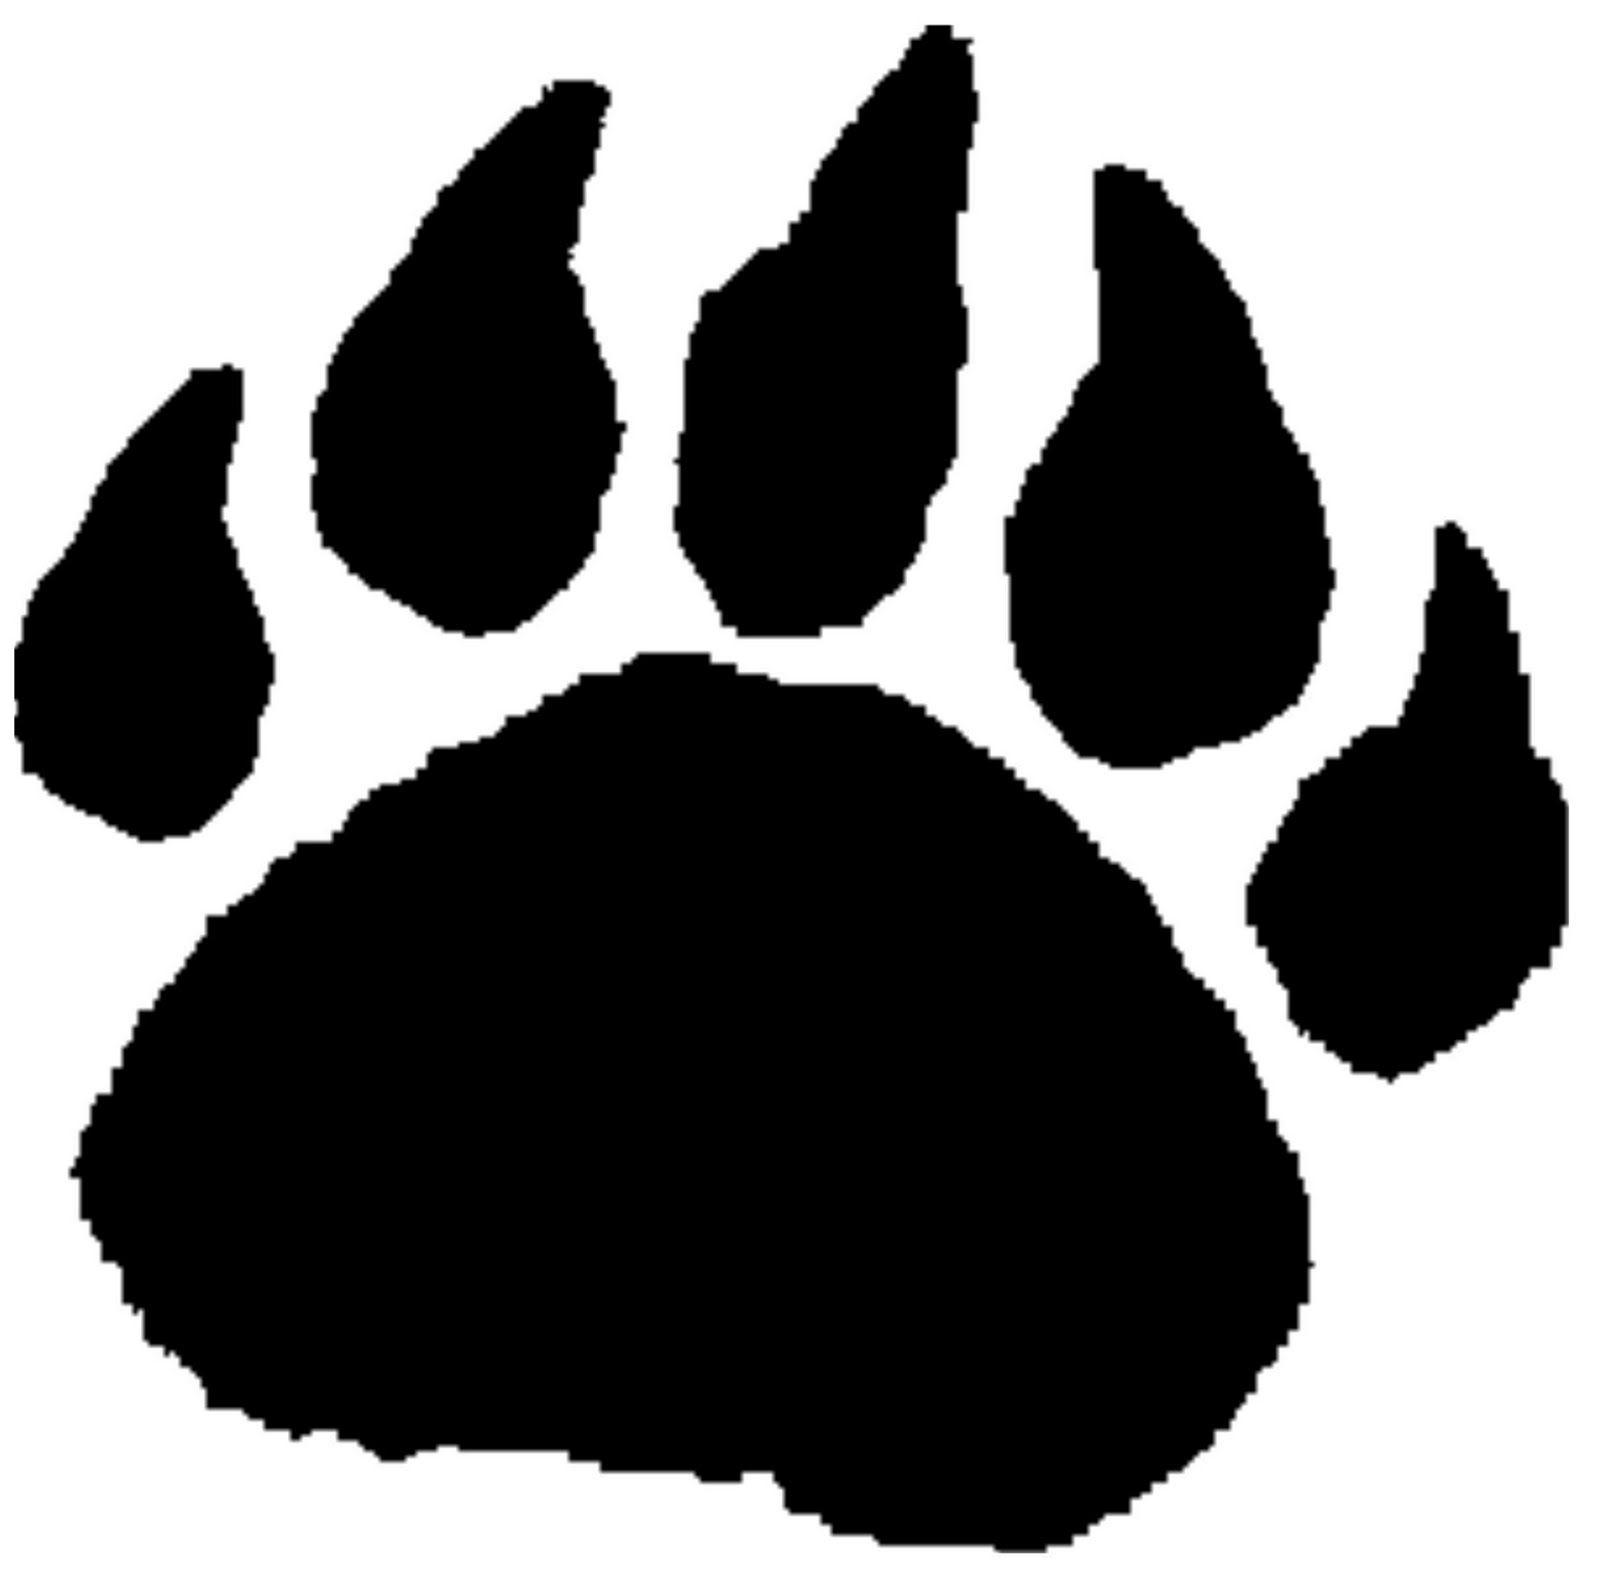 Grizzly print ibkxk ig. Paw clipart polar bear